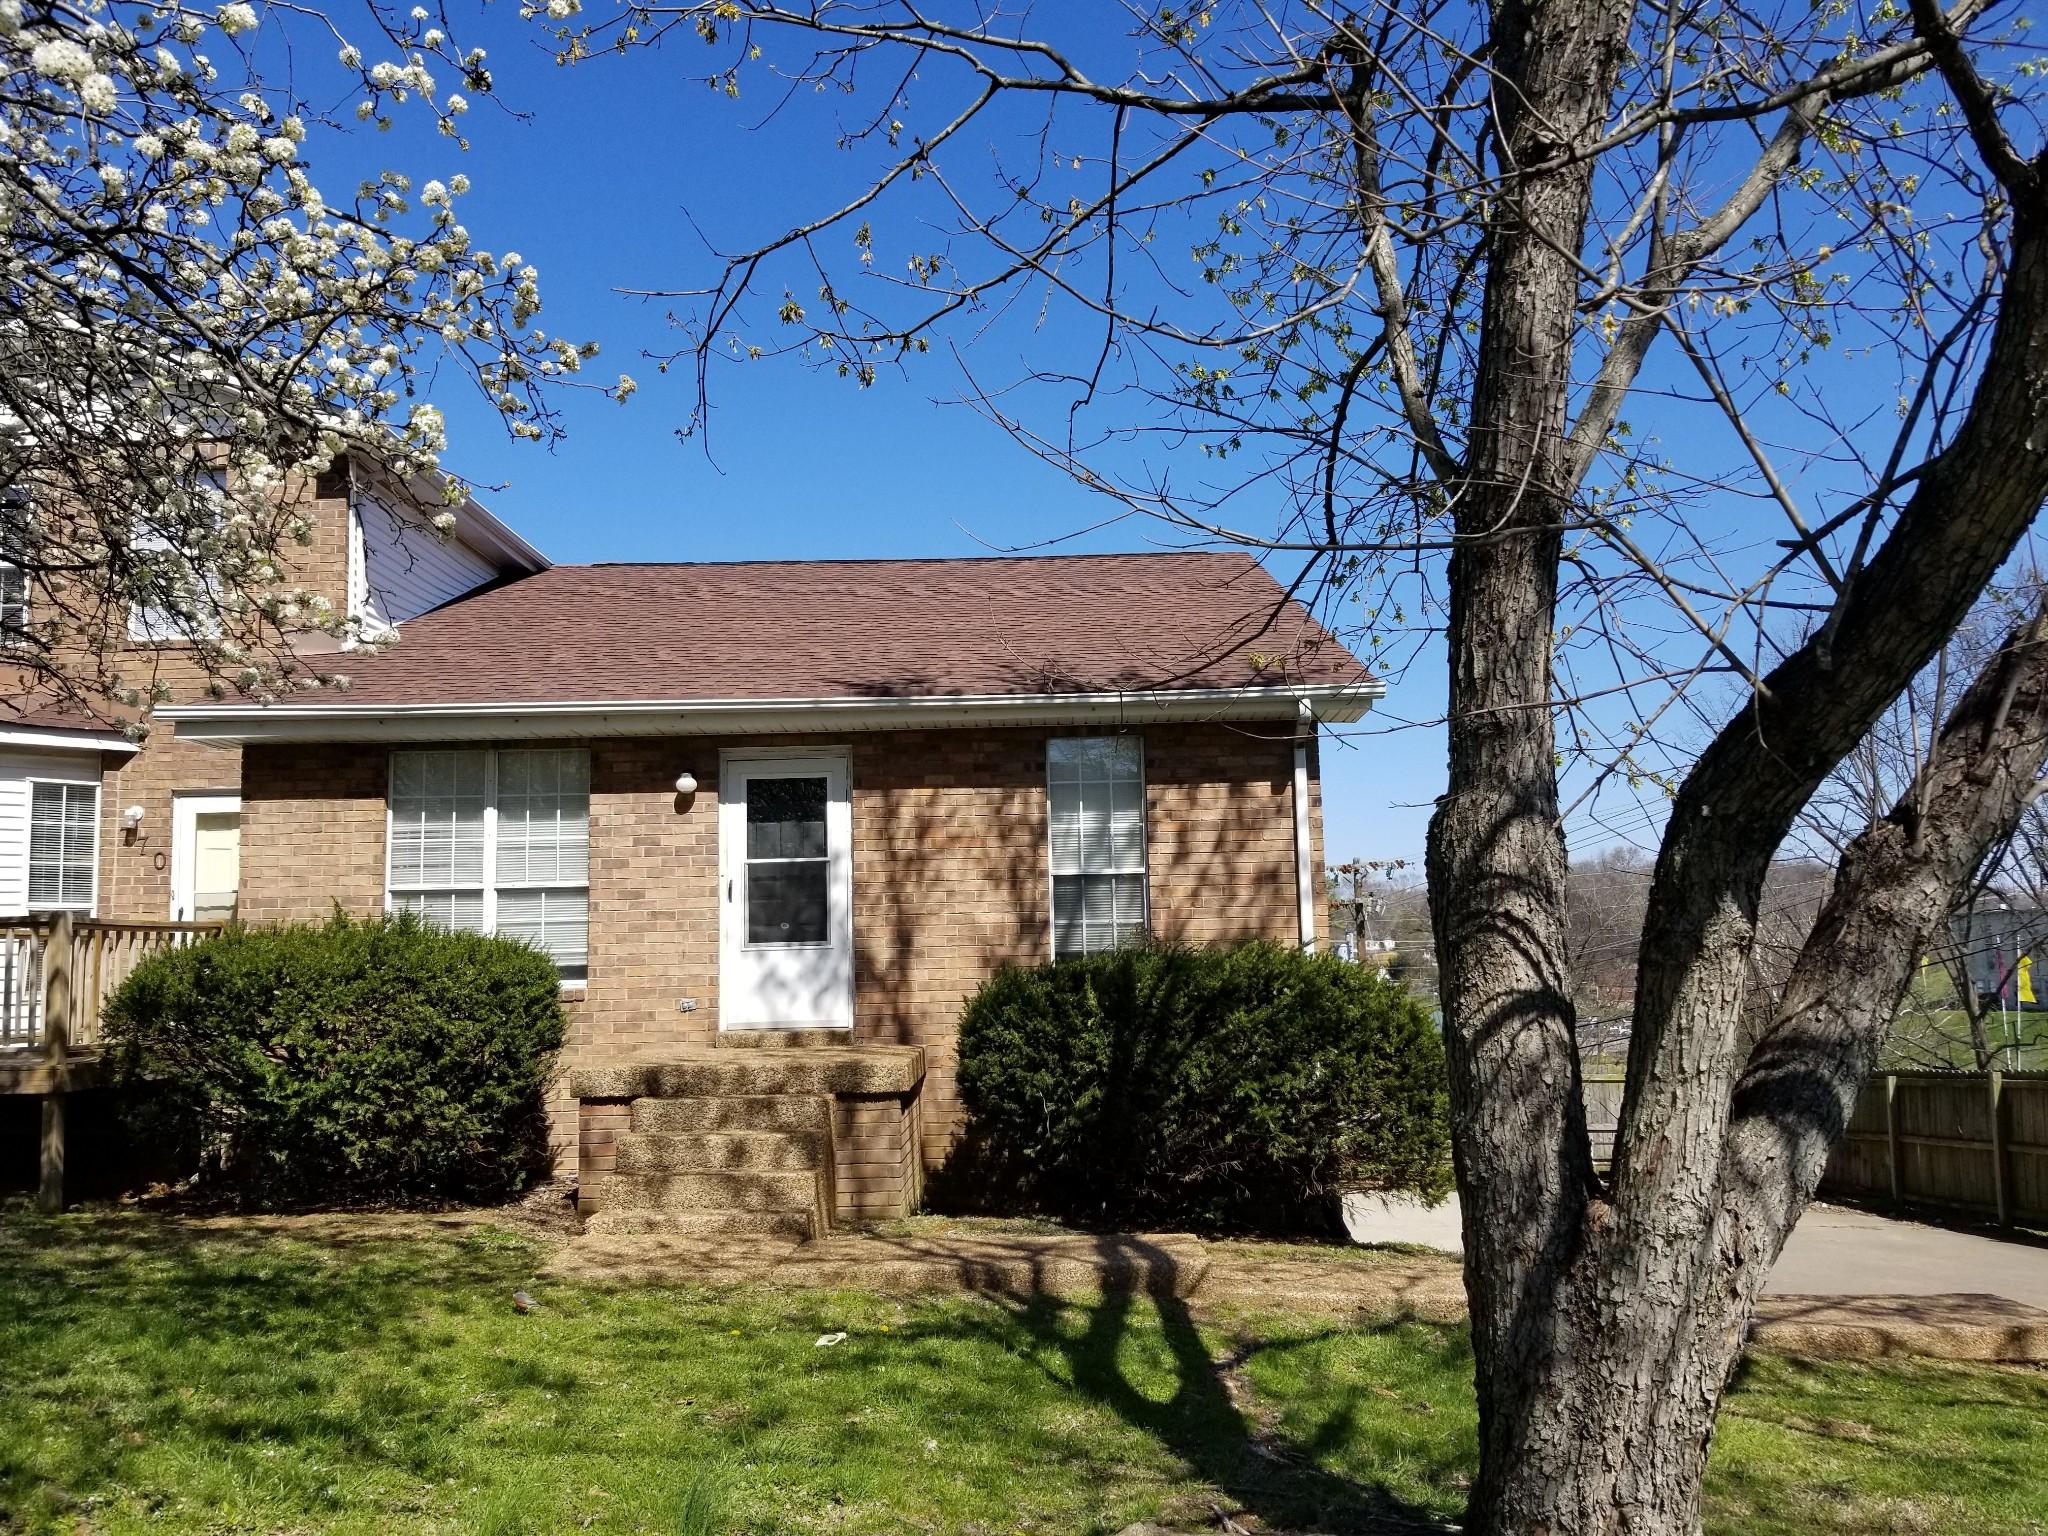 772 Winthorne Dr Property Photo - Nashville, TN real estate listing